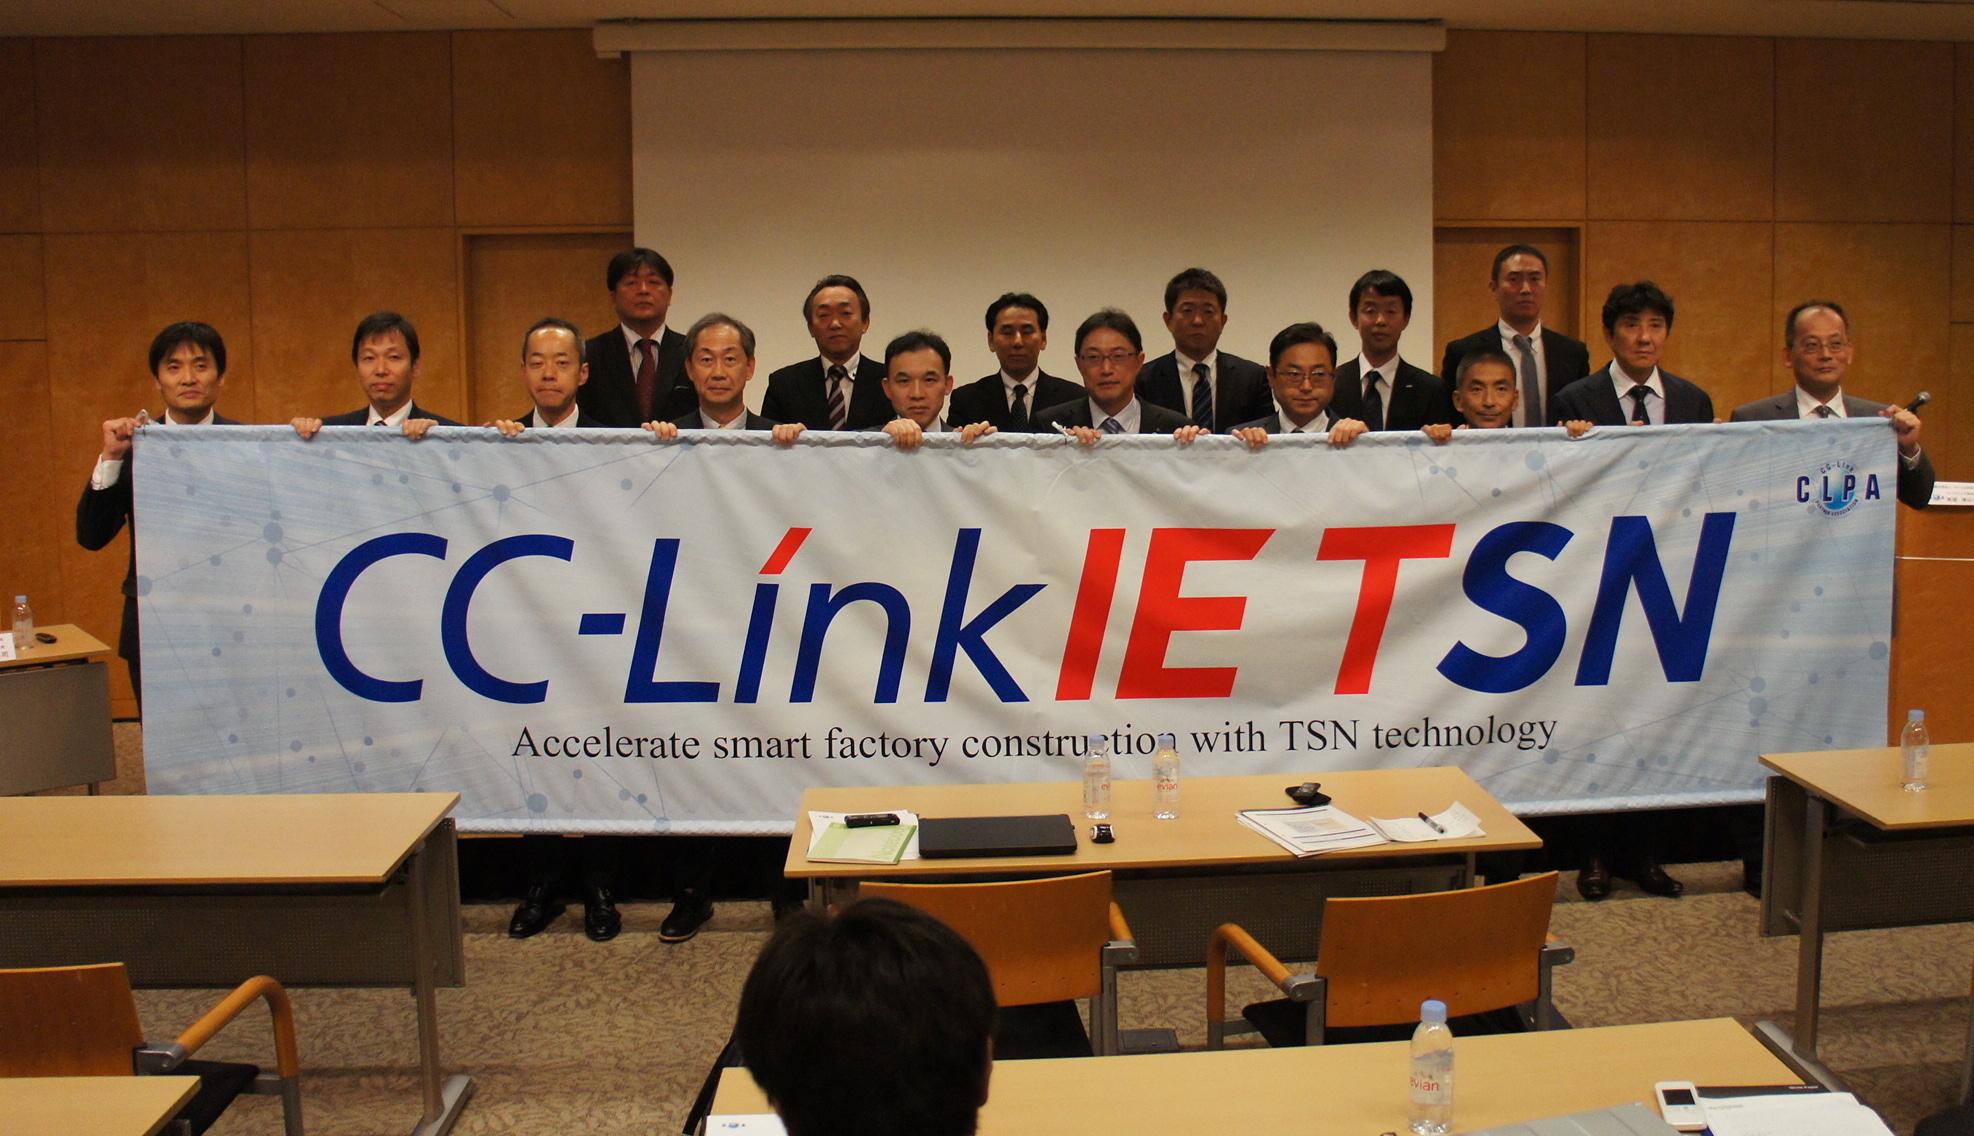 日本発スマート工場向けネットワーク規格「CC-Link IE TSN」発表 世界に先駆けTSN対応